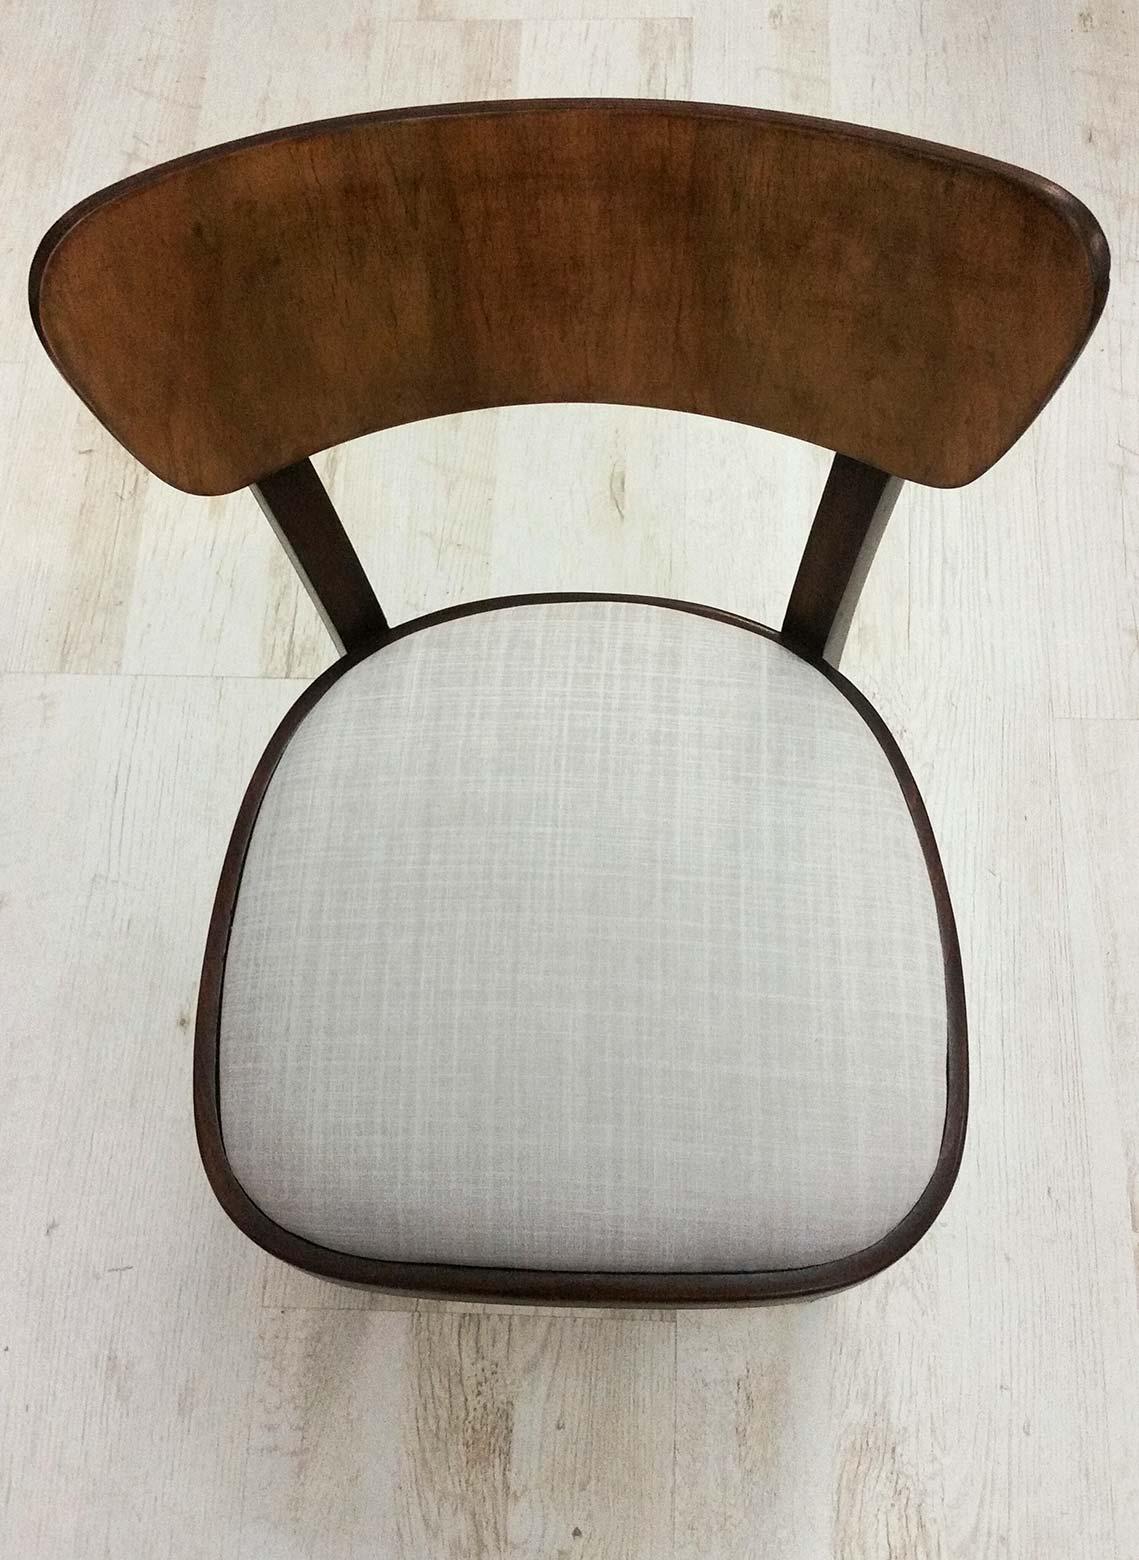 Židle Thonet - kompletní renovace, broušení, lakování, čalounění. Látka Romo - kolekce  Dune